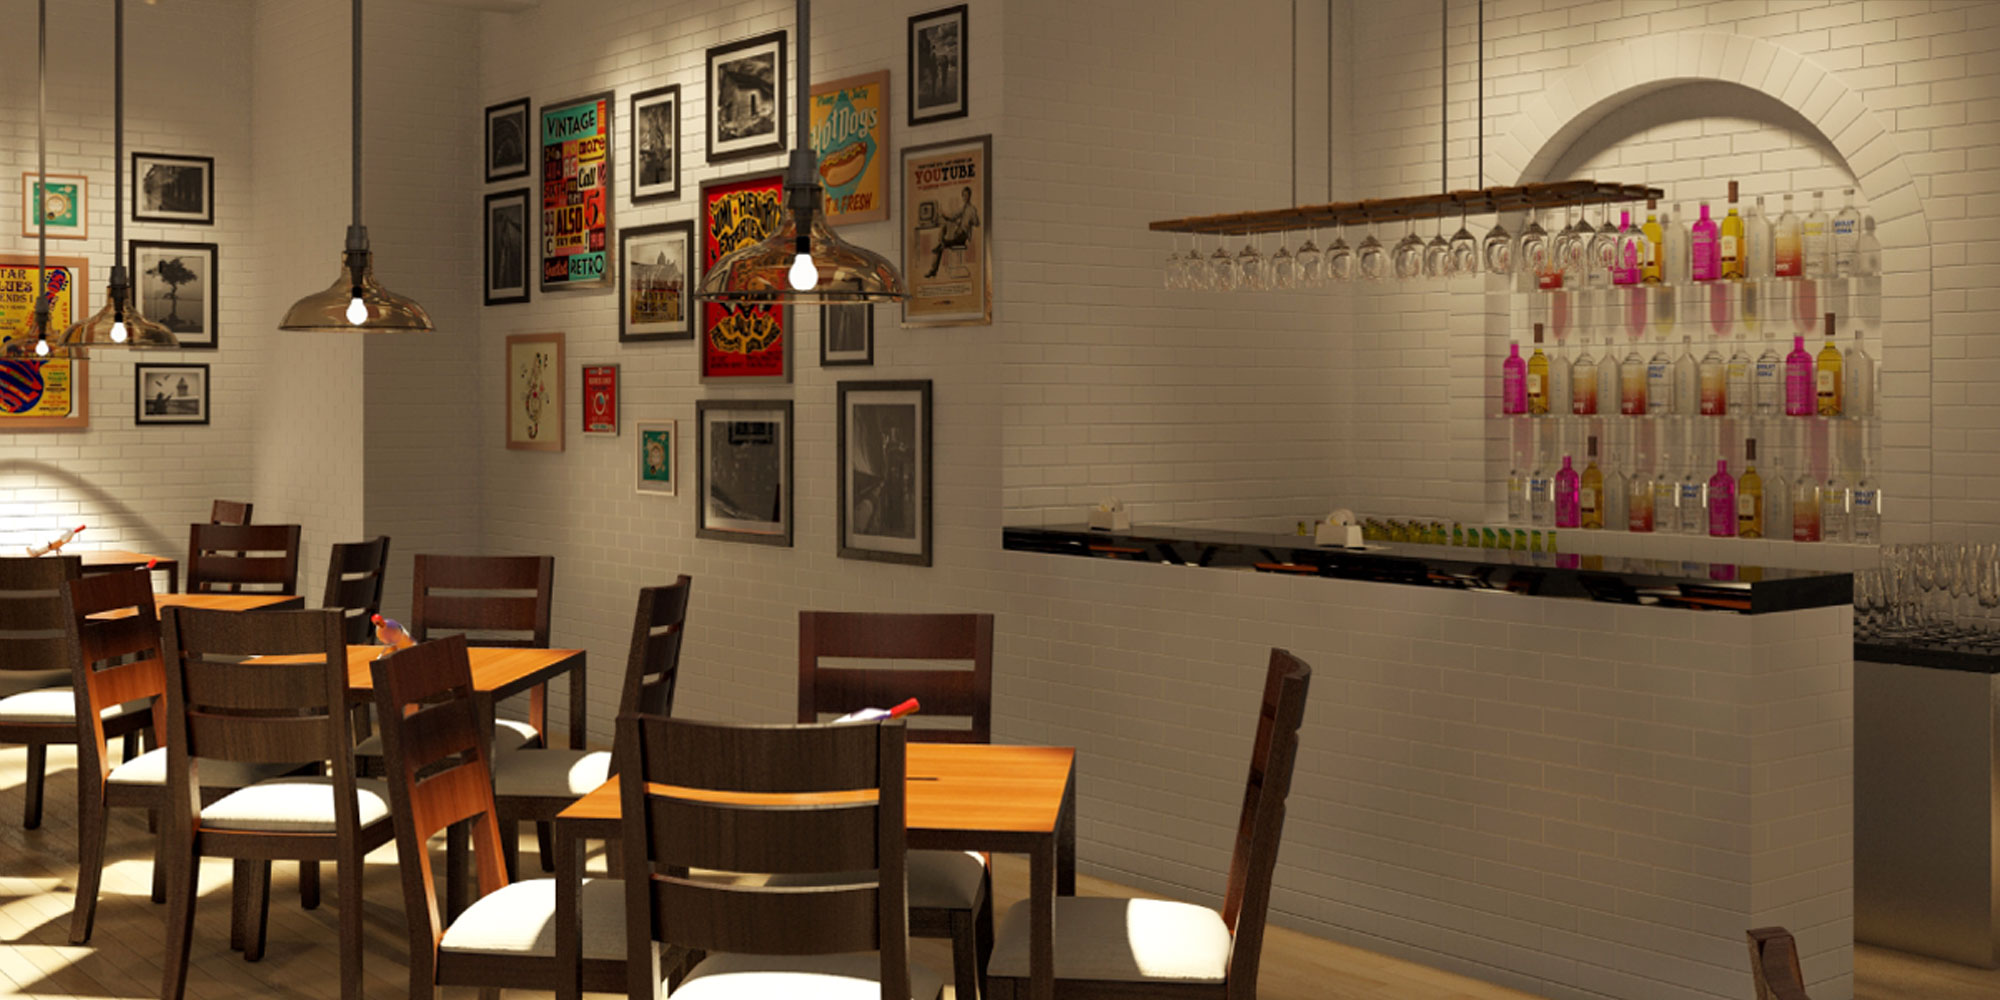 D'Bell Café